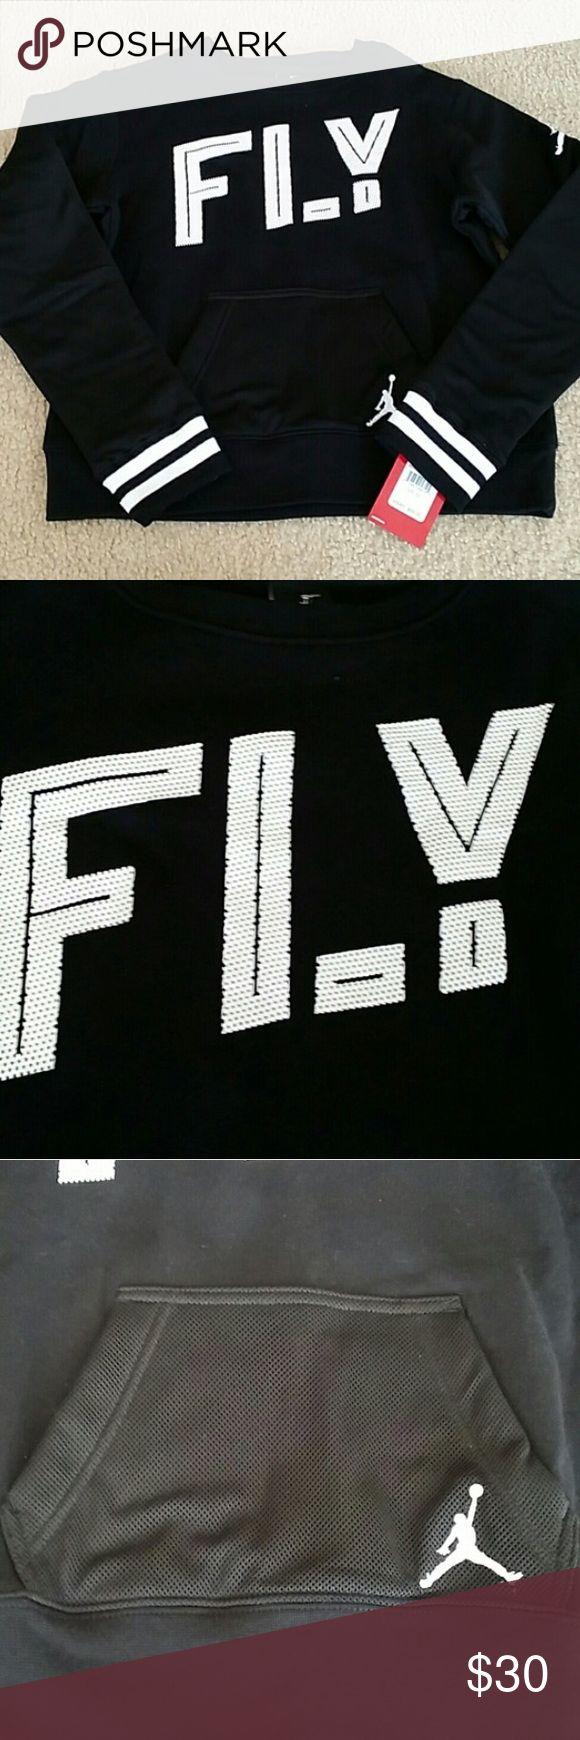 Design t shirt esthetician - Air Jordan Sweatshirt